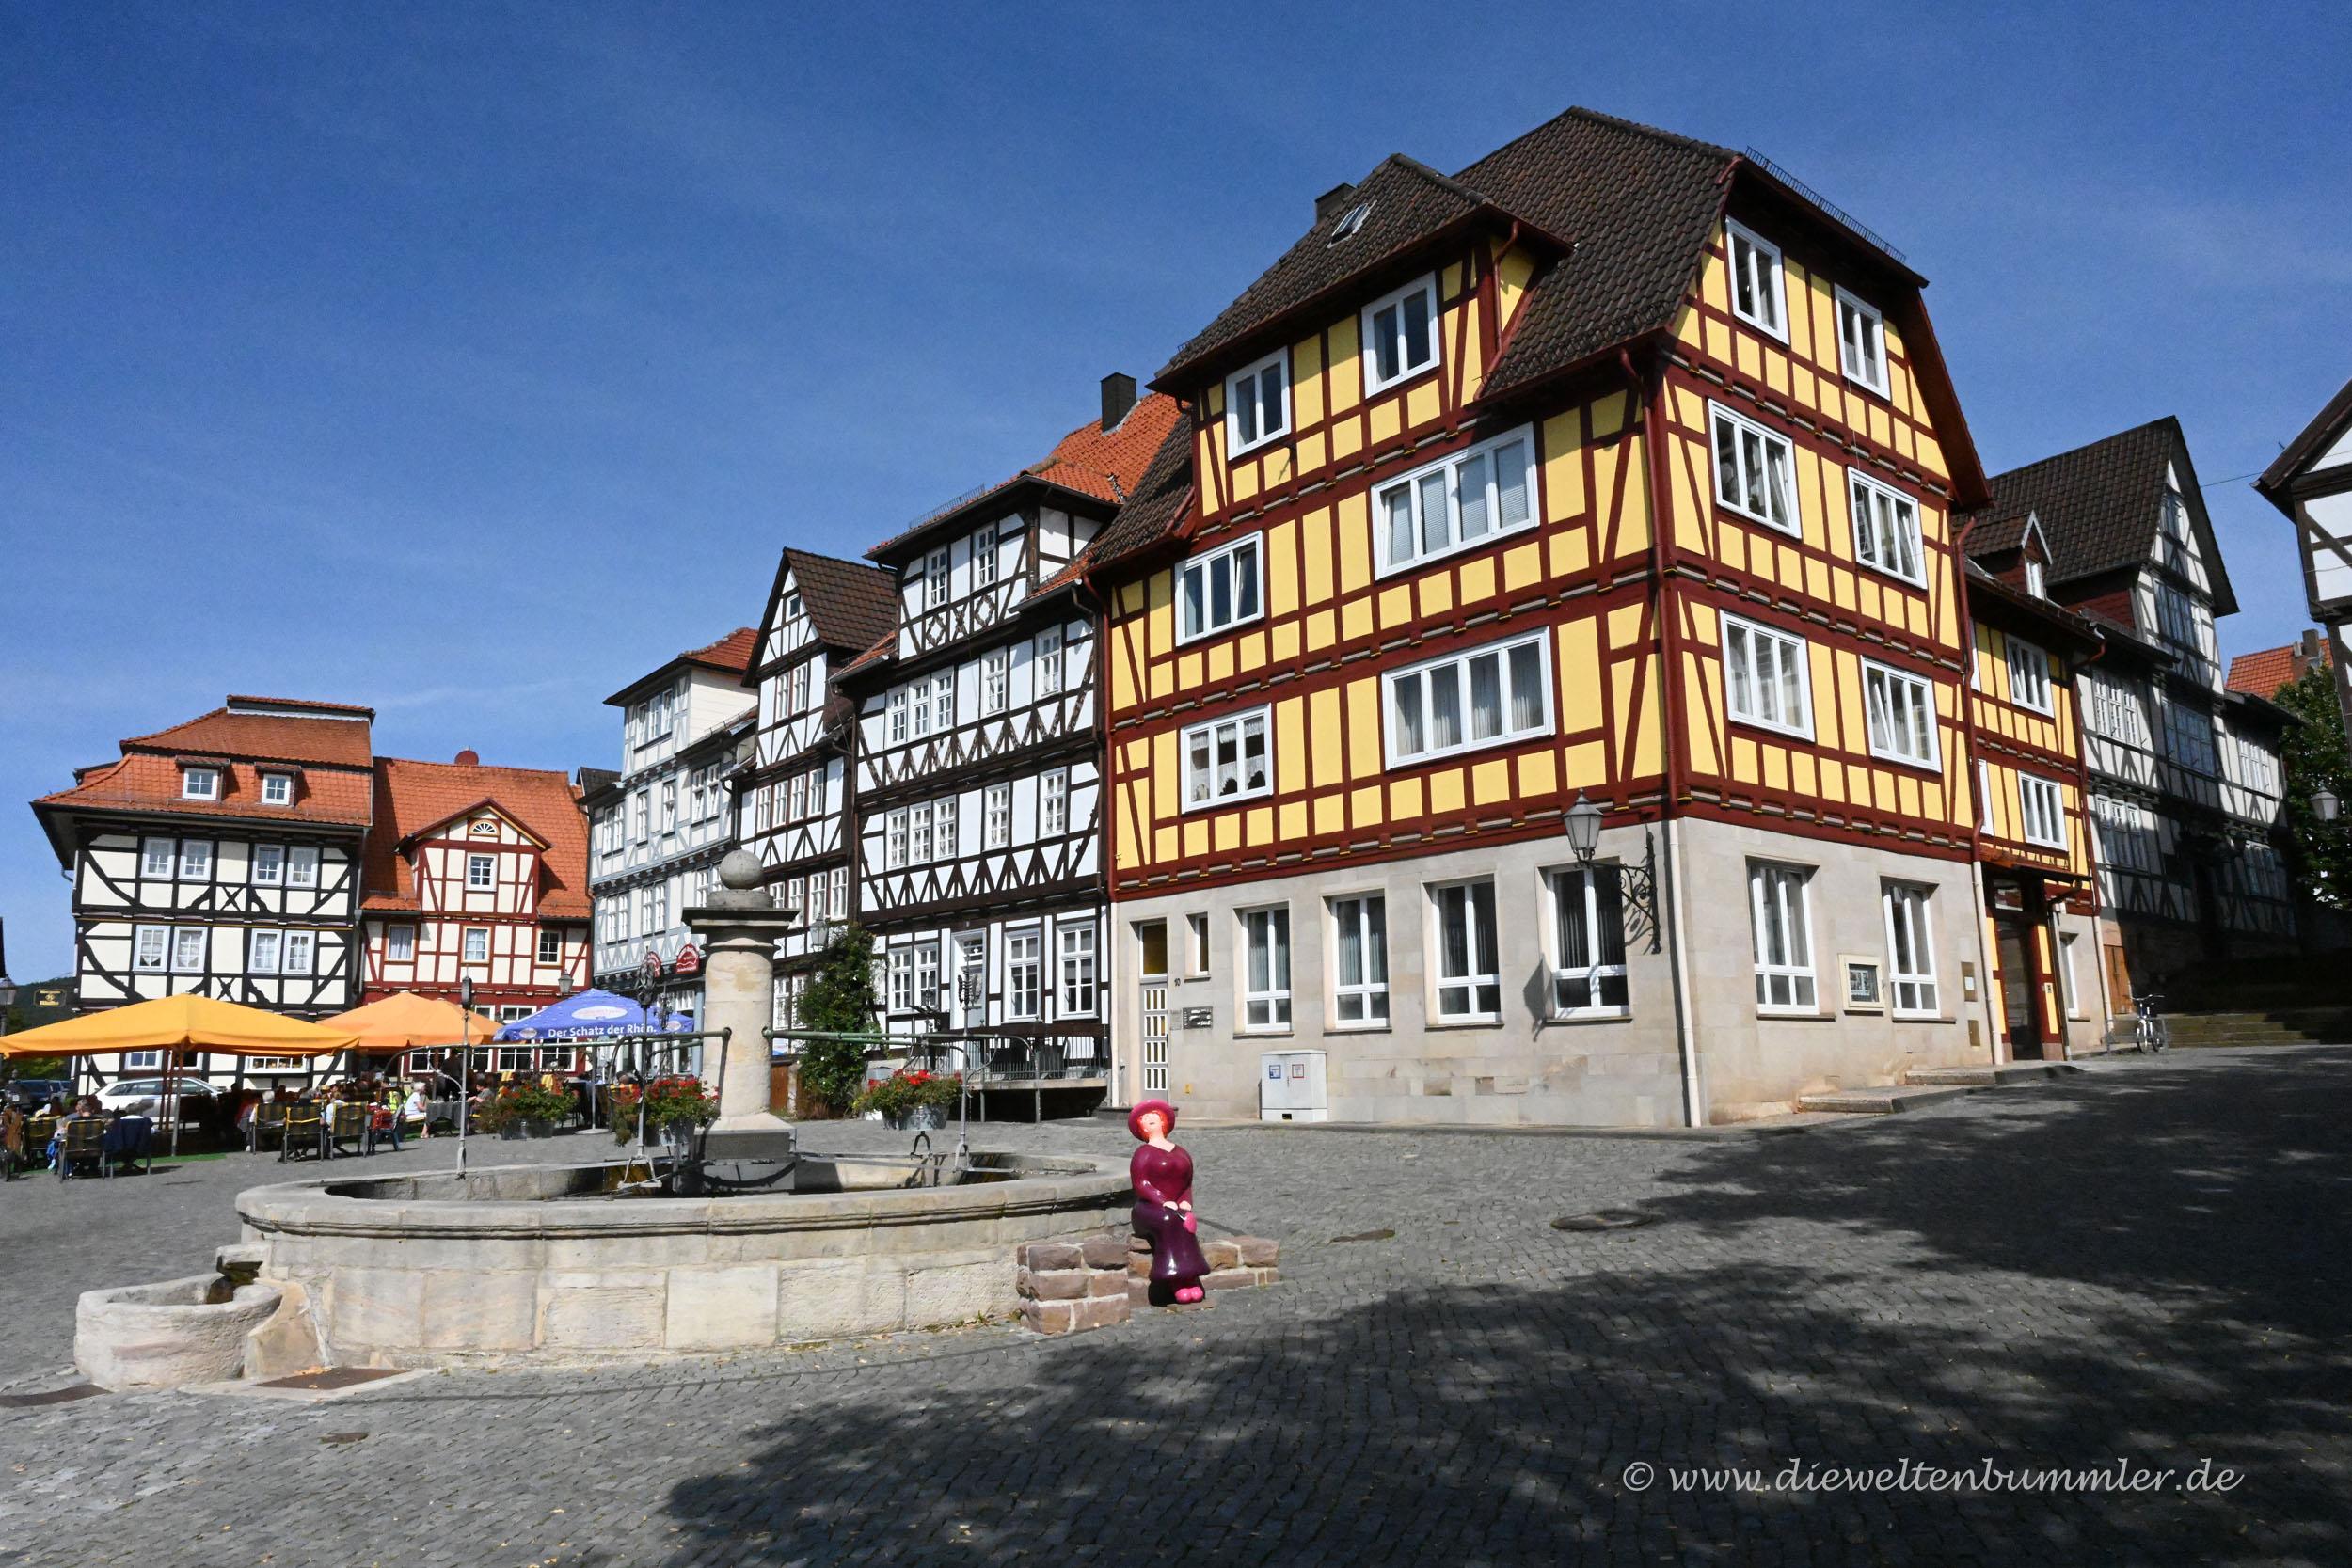 Altstadt von Bad Sooden-Allendorf